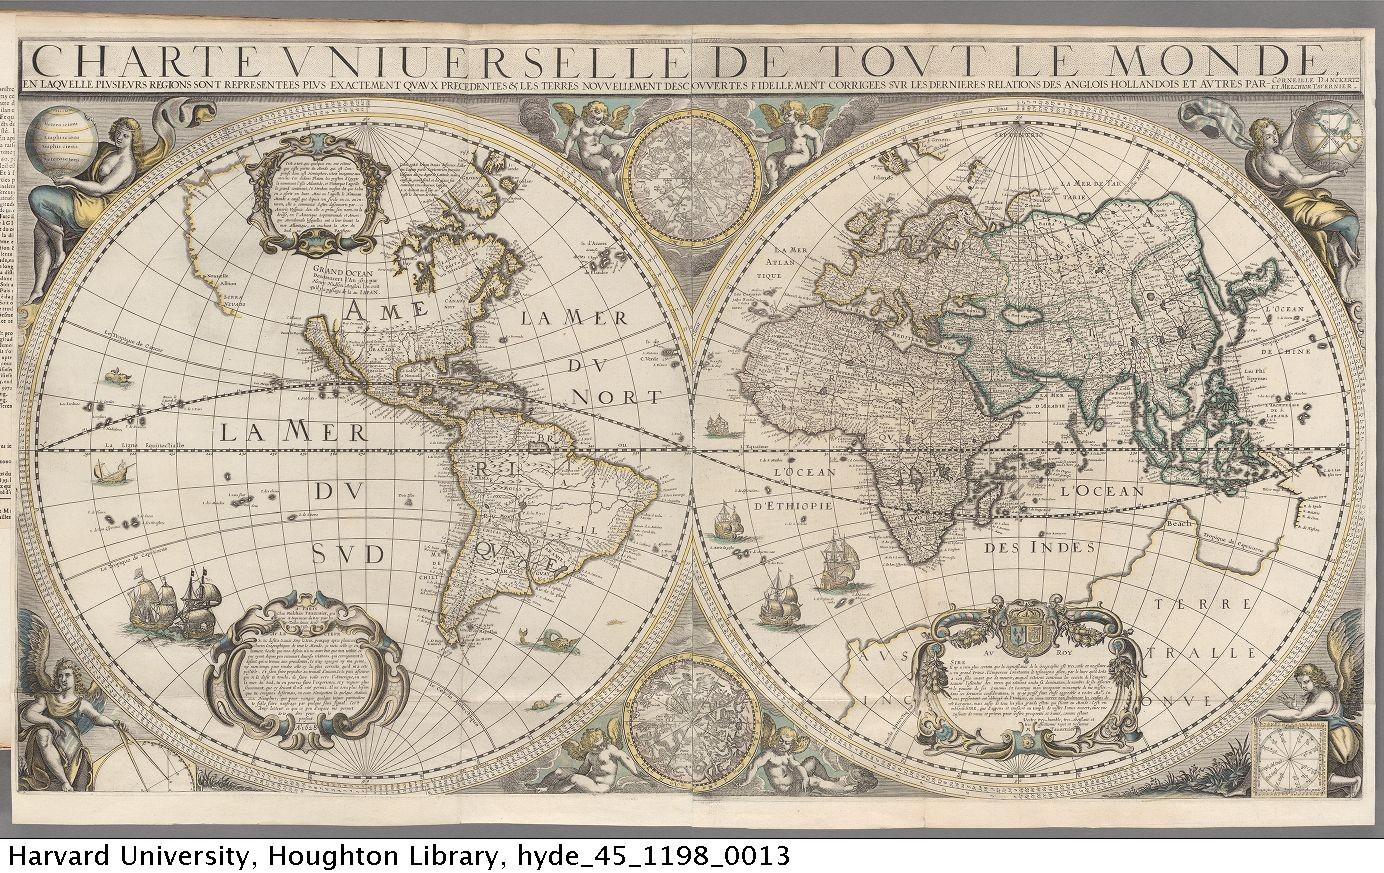 Tavernier, Melchior, d. 1641. Theatre contenant la description de la carte generale de tout le monde,1642. 45-1198*